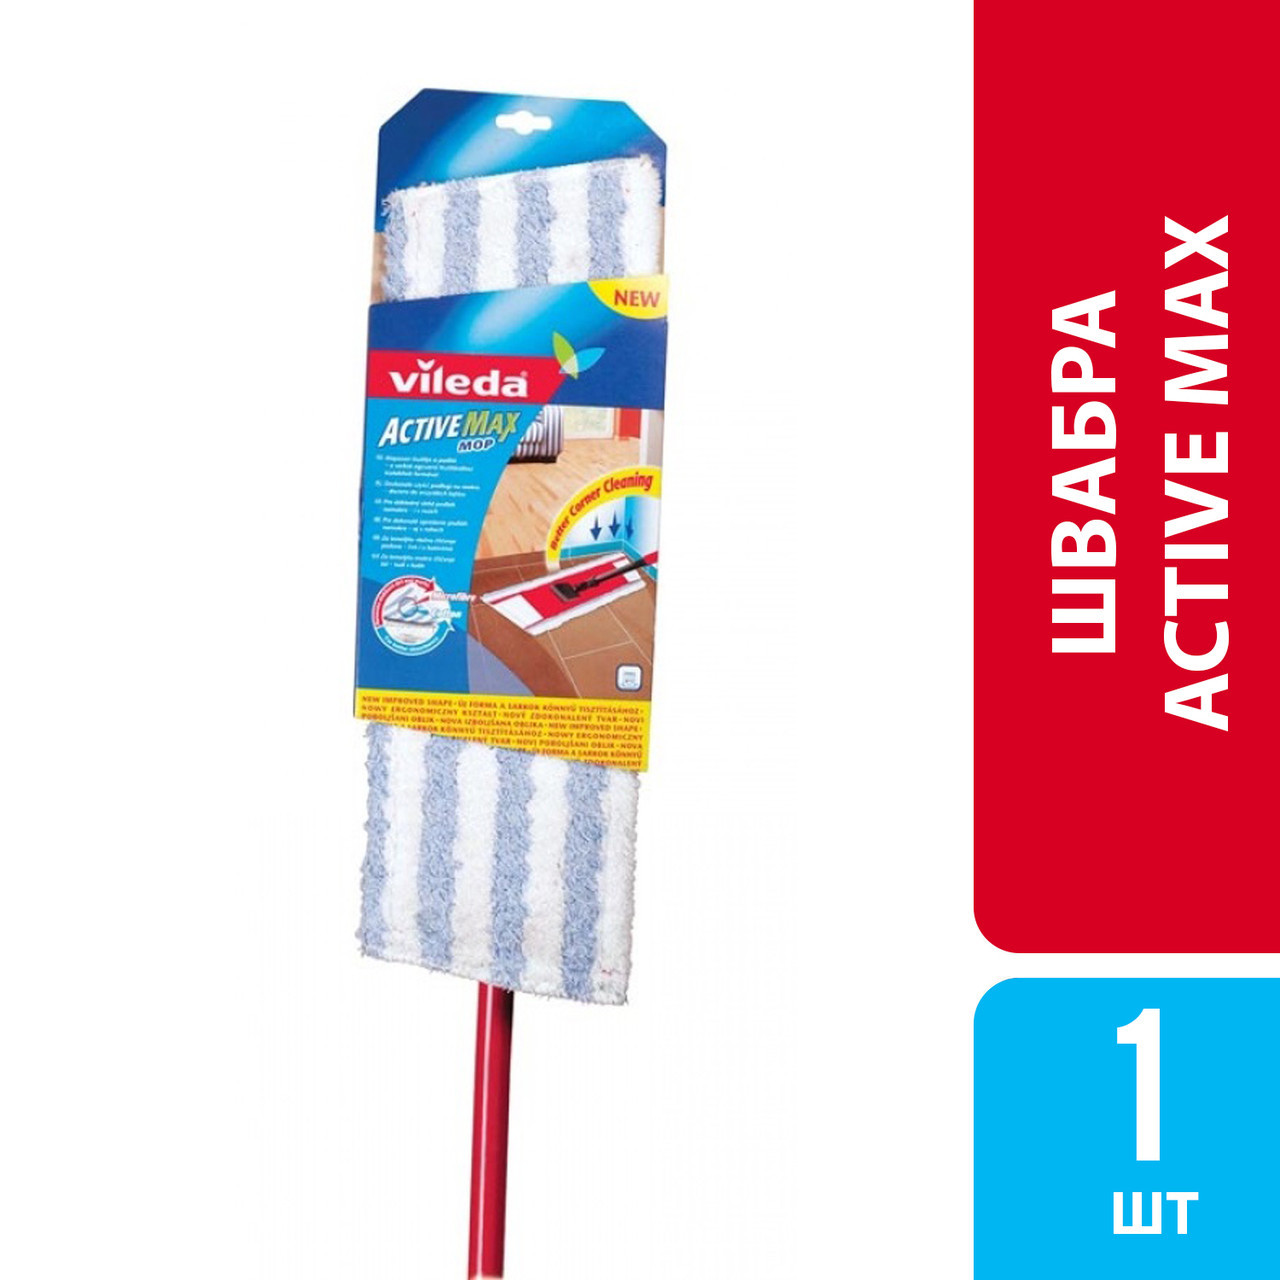 Швабра для сухой и влажной уборки Active Max, Vileda, 1 шт.